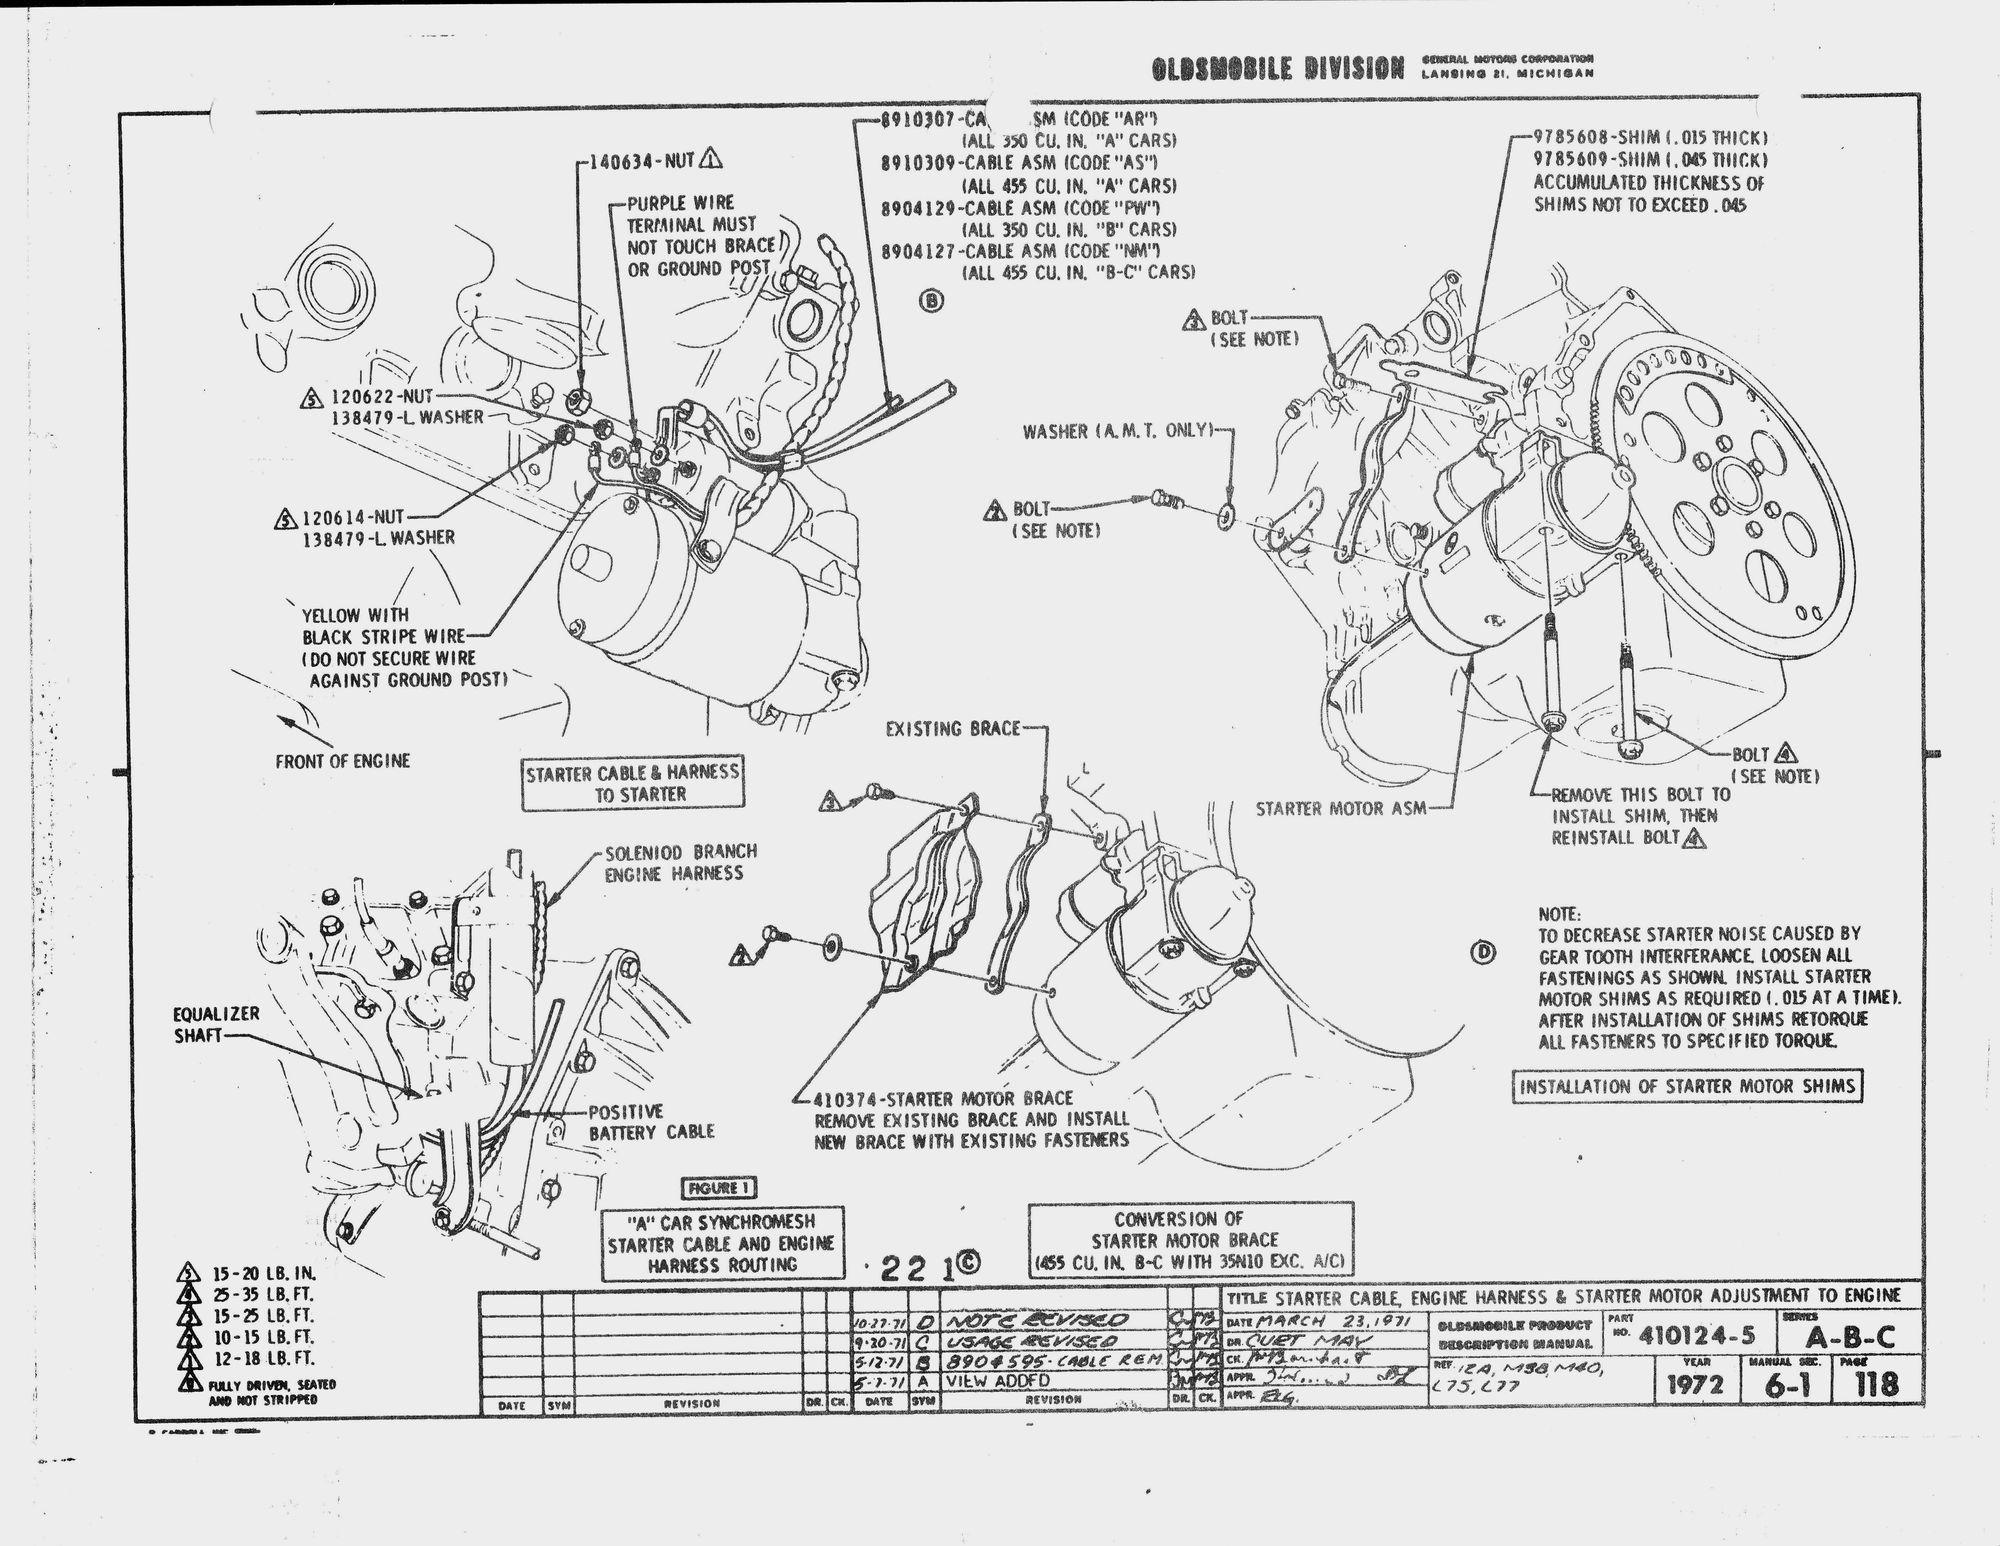 72 cutlass wiring diagram schematics online Eclipse Wiring Diagram